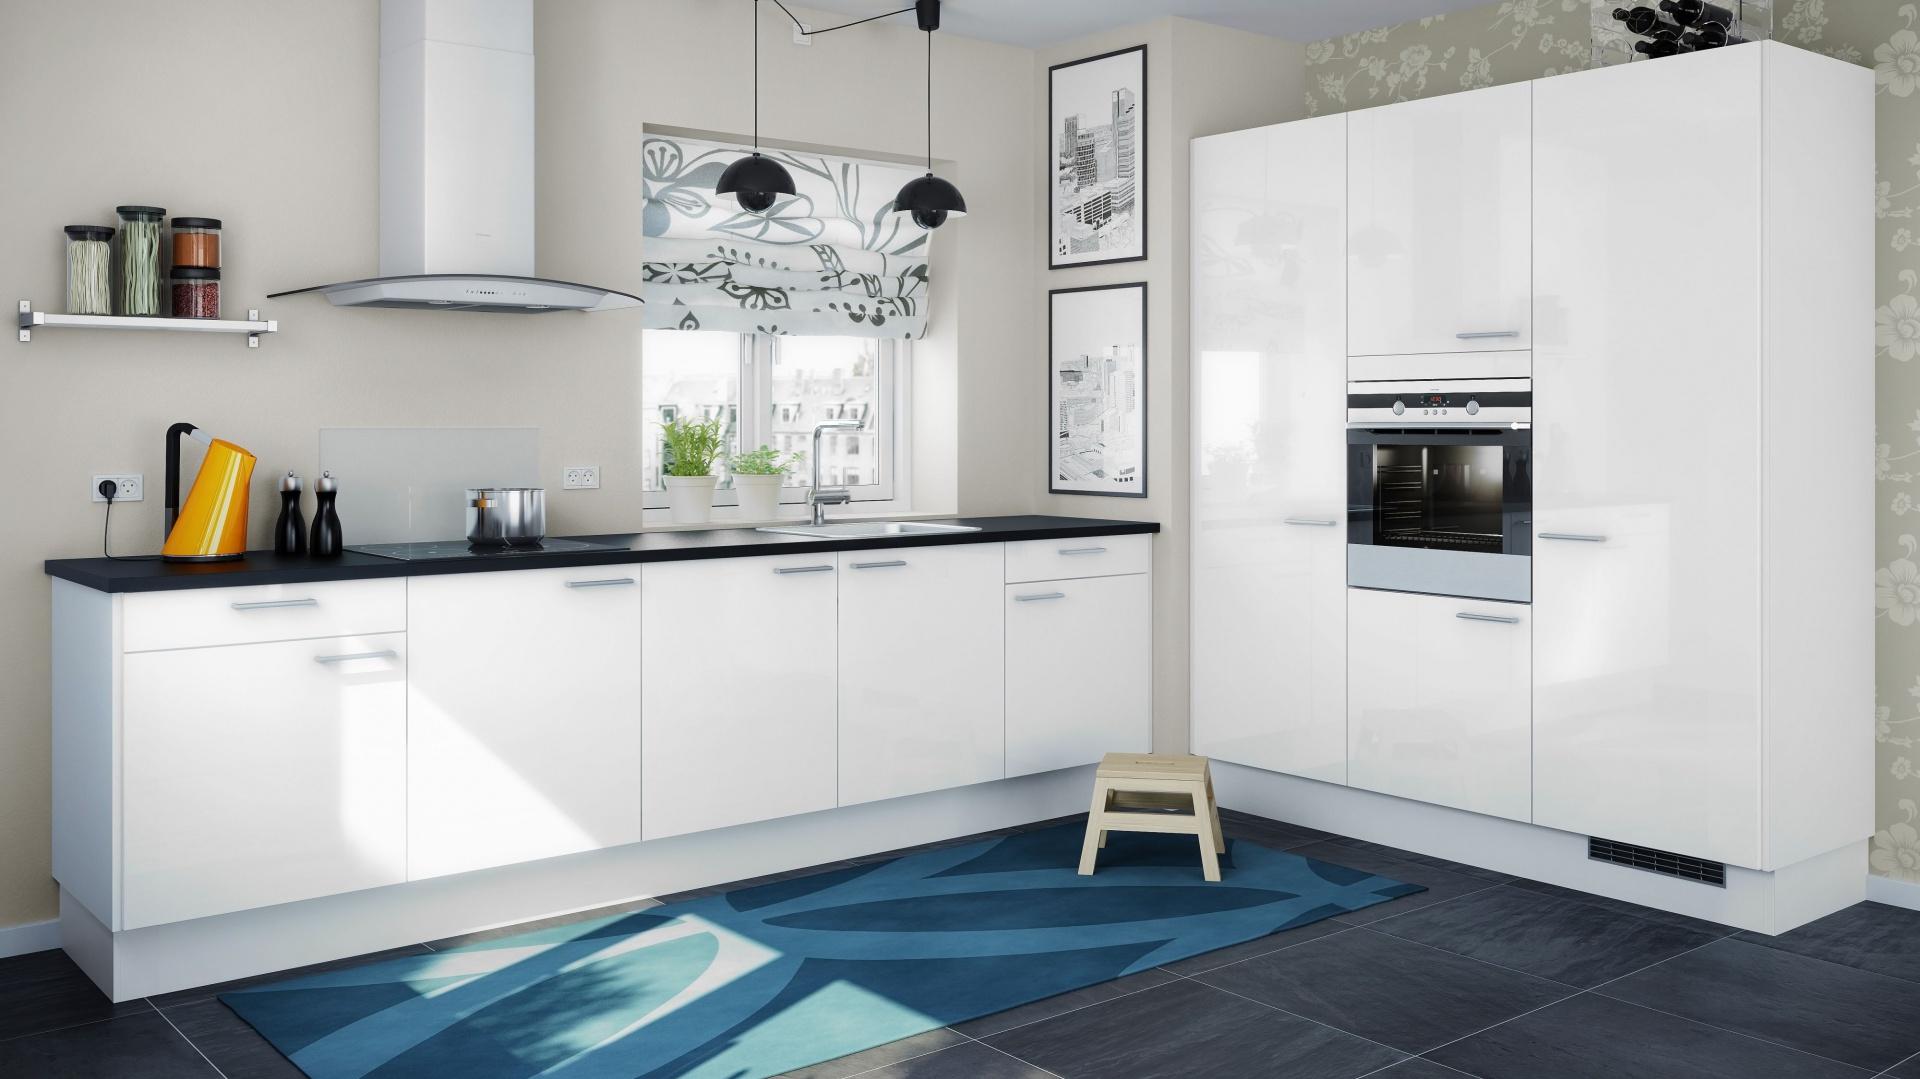 Białe meble utrzymane we Elegancka, biała kuchnia   -> Kuchnia Biala Dąb